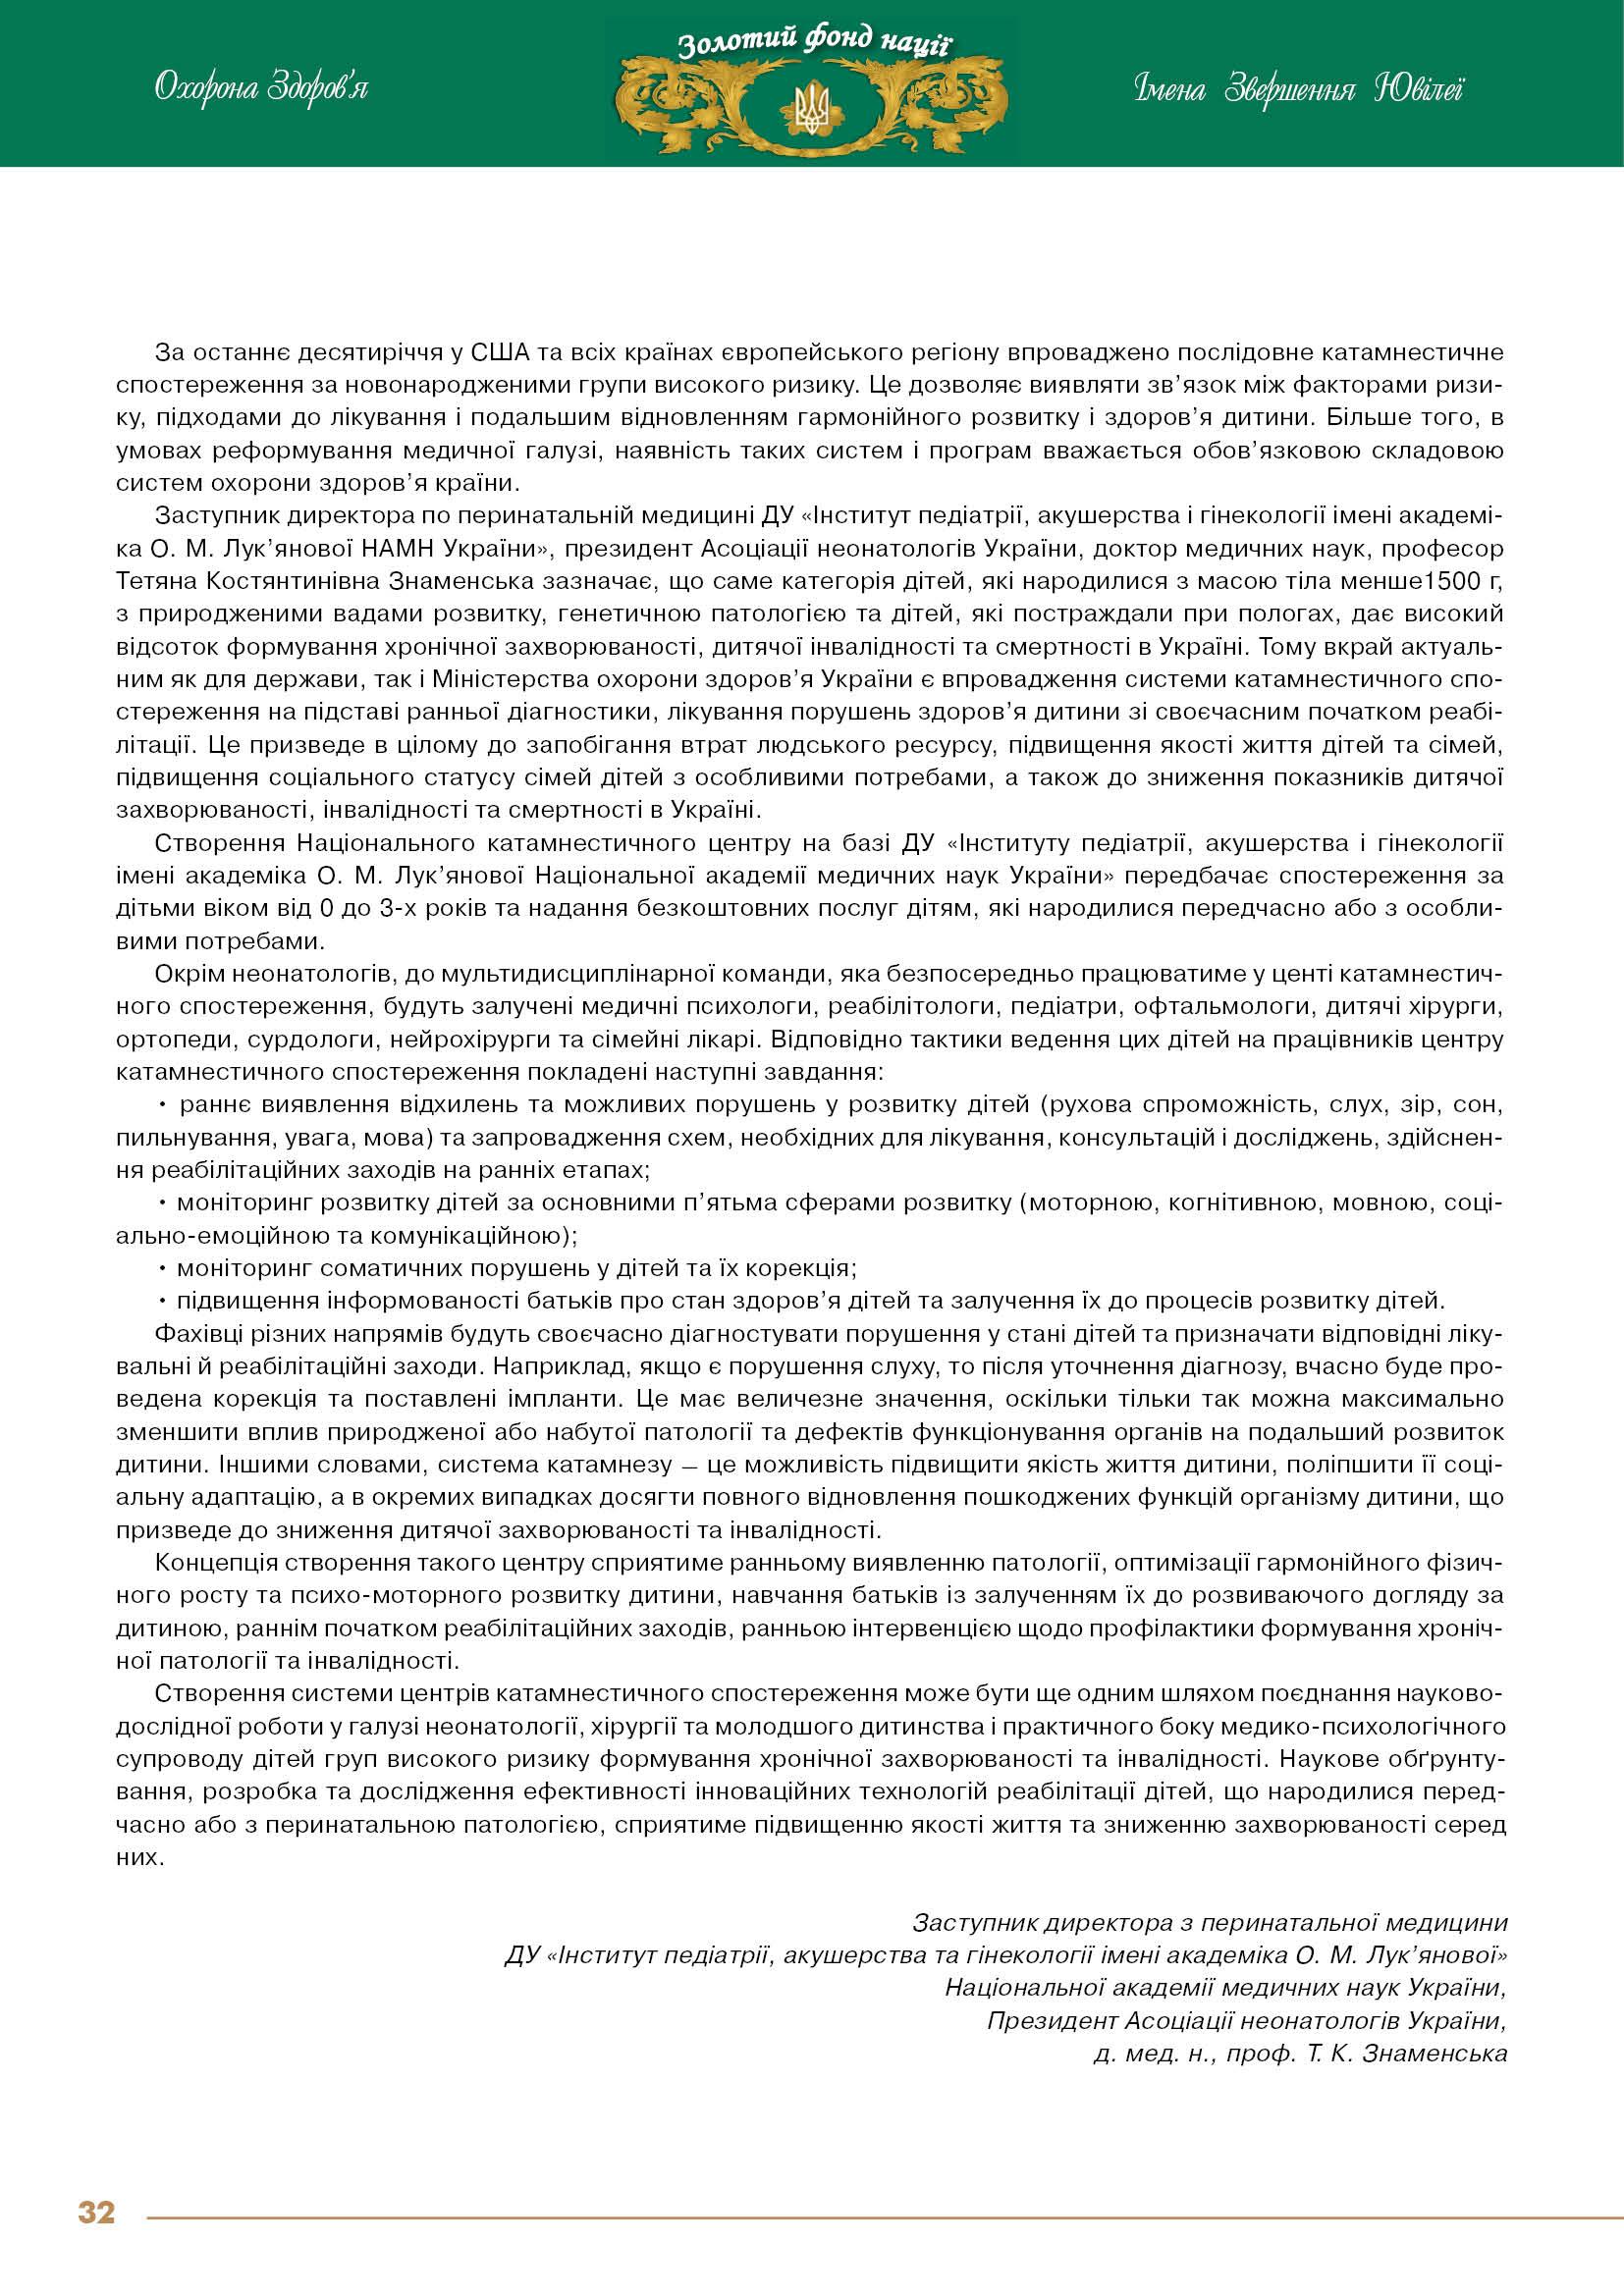 Катамнестичне спостереження як резерв зниження інвалідності та смертності дітей з перинатальною патологією